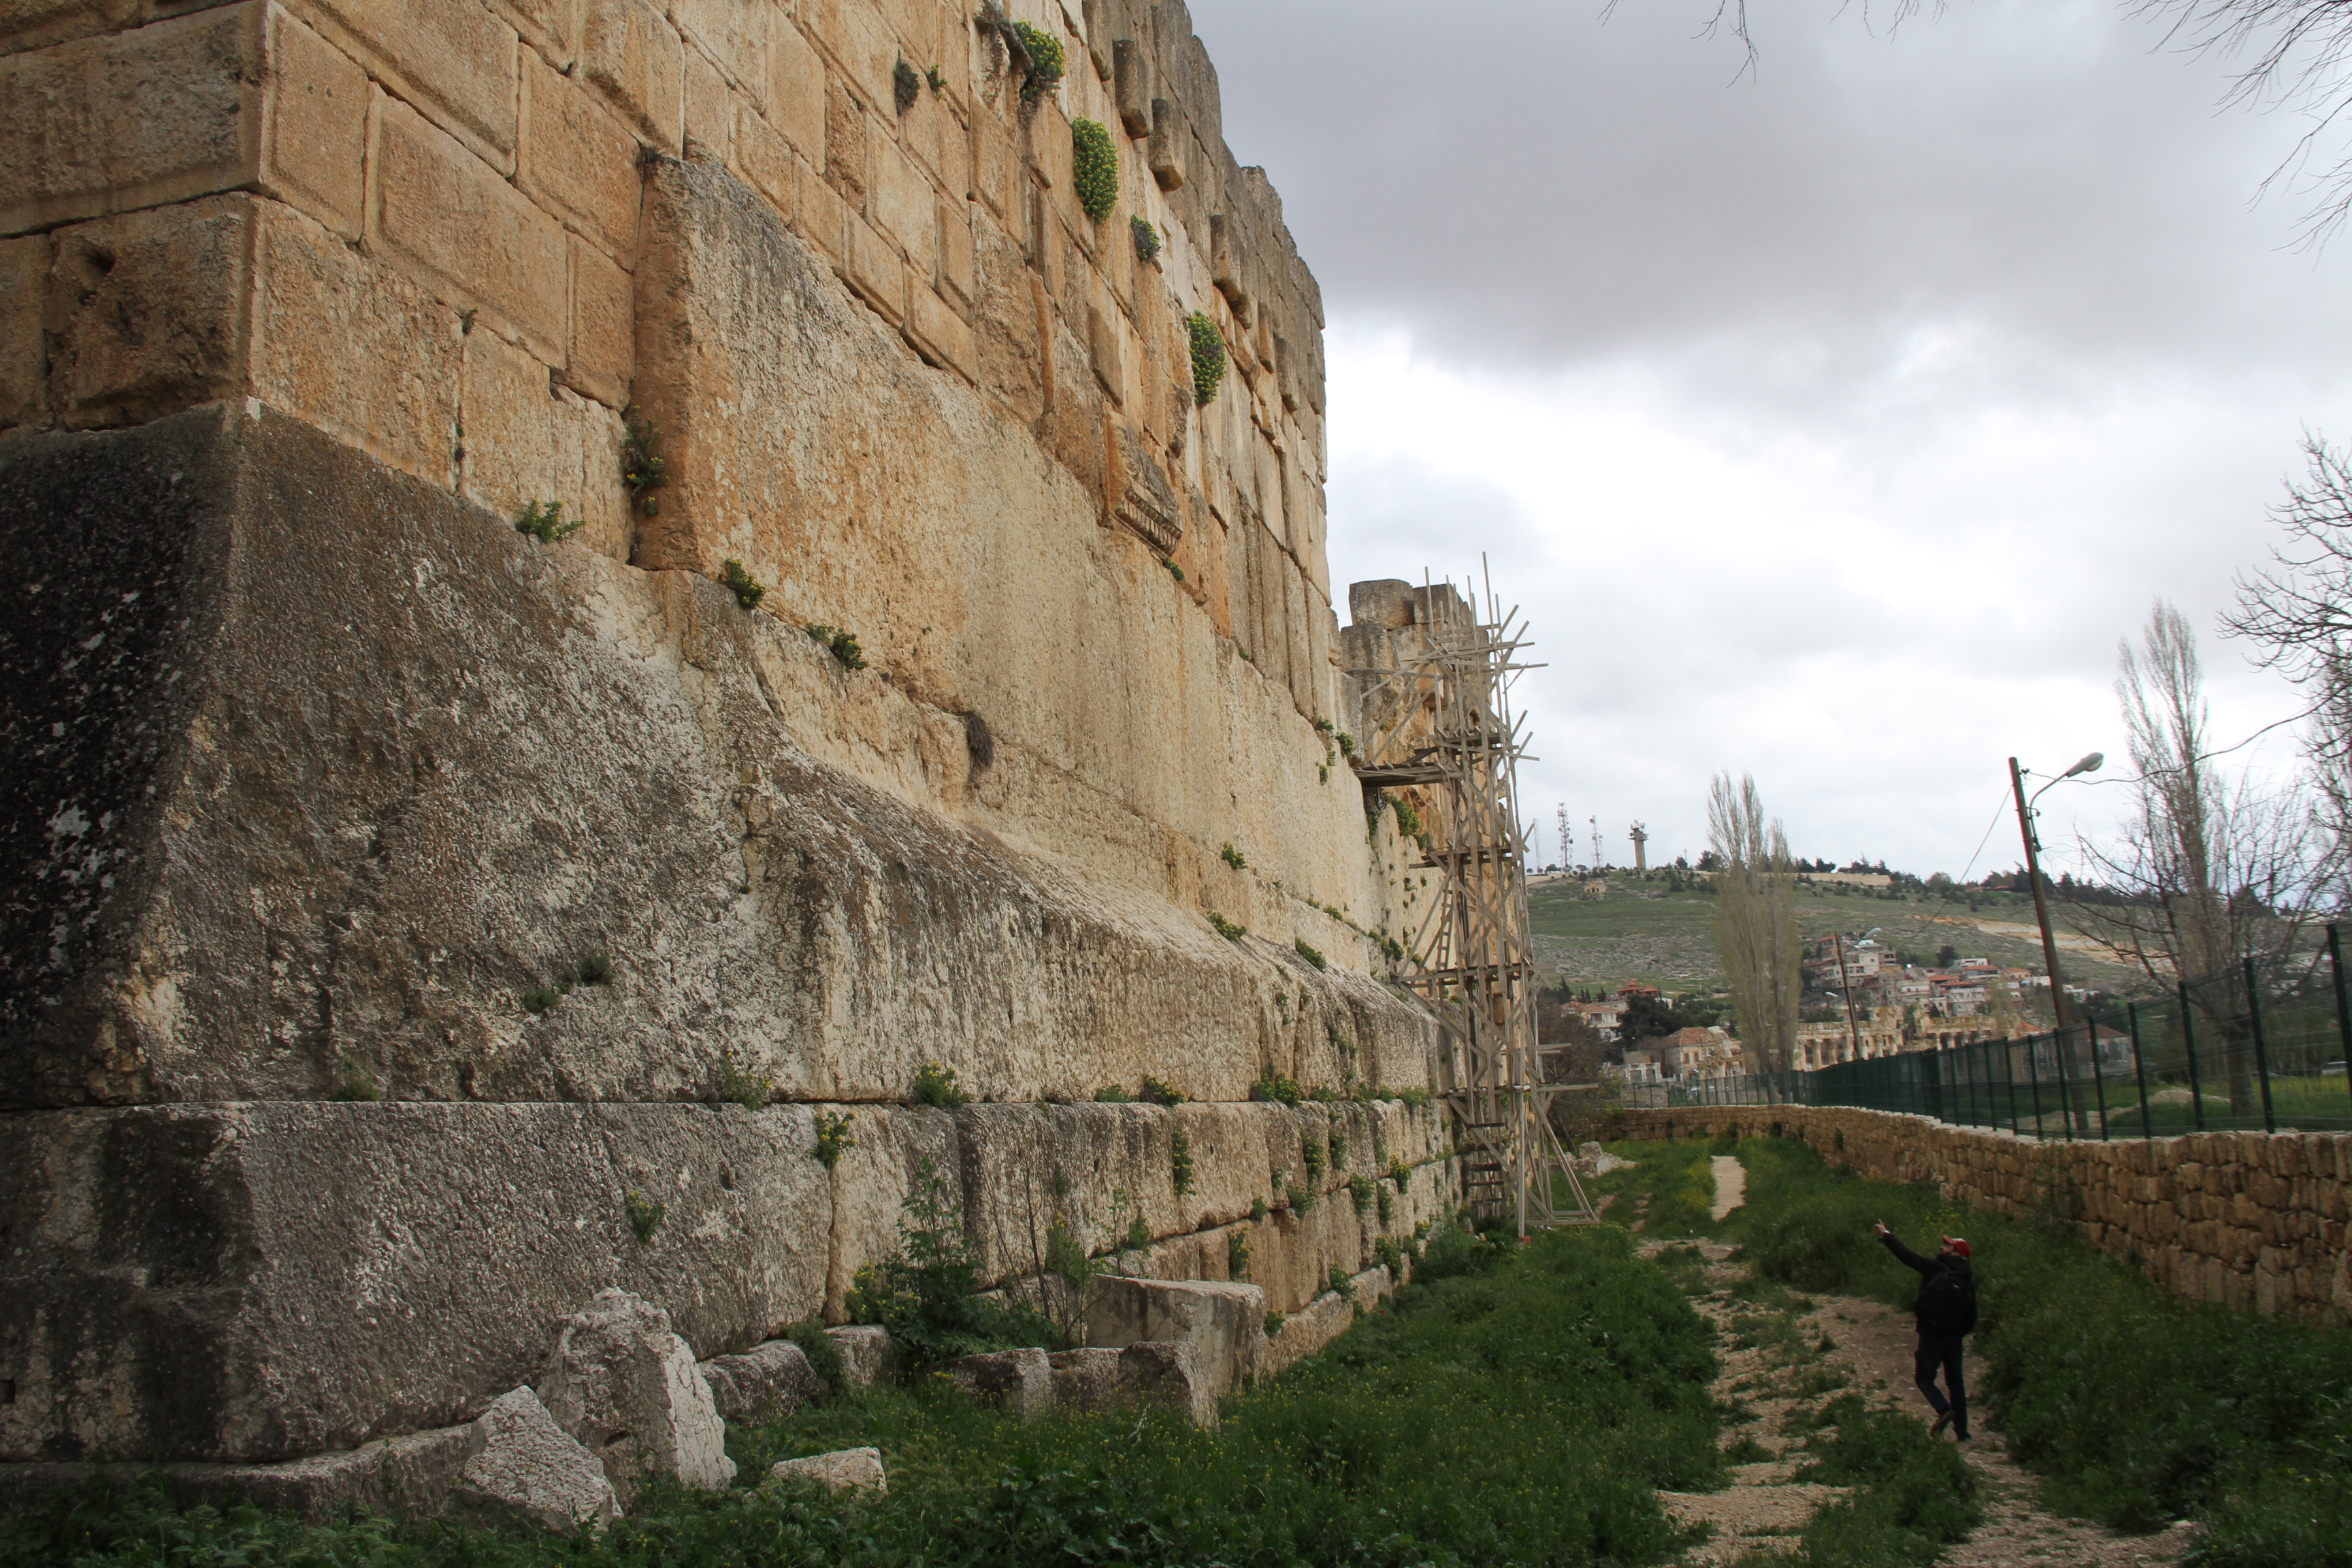 Трилитон вБаальбеке— три огромных известняковых блока вподпорной стене